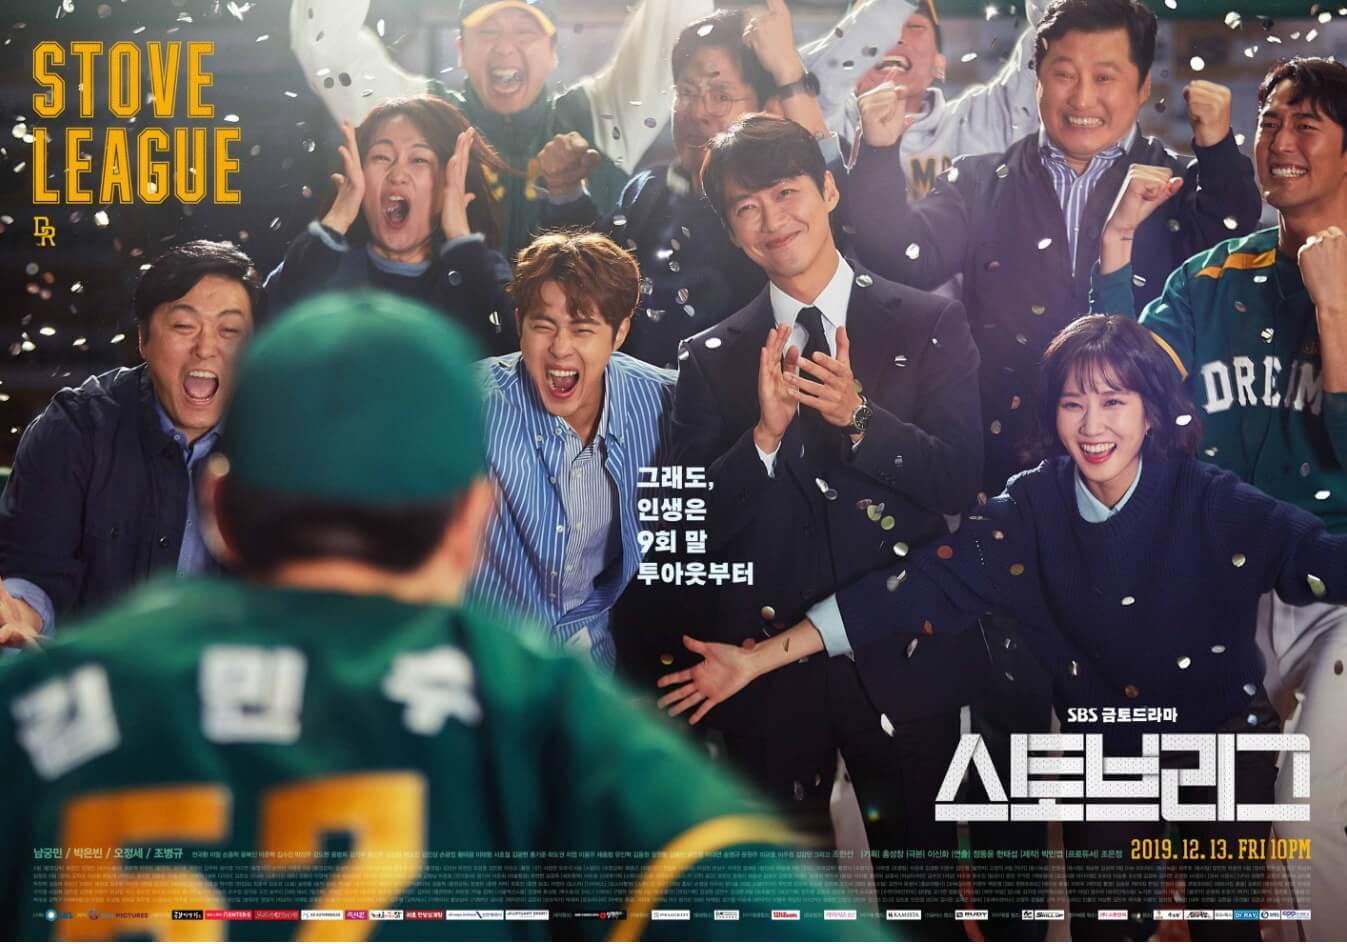 到底Dreams棒球隊在南宮珉的帶領下,迎來寶貴的勝利?